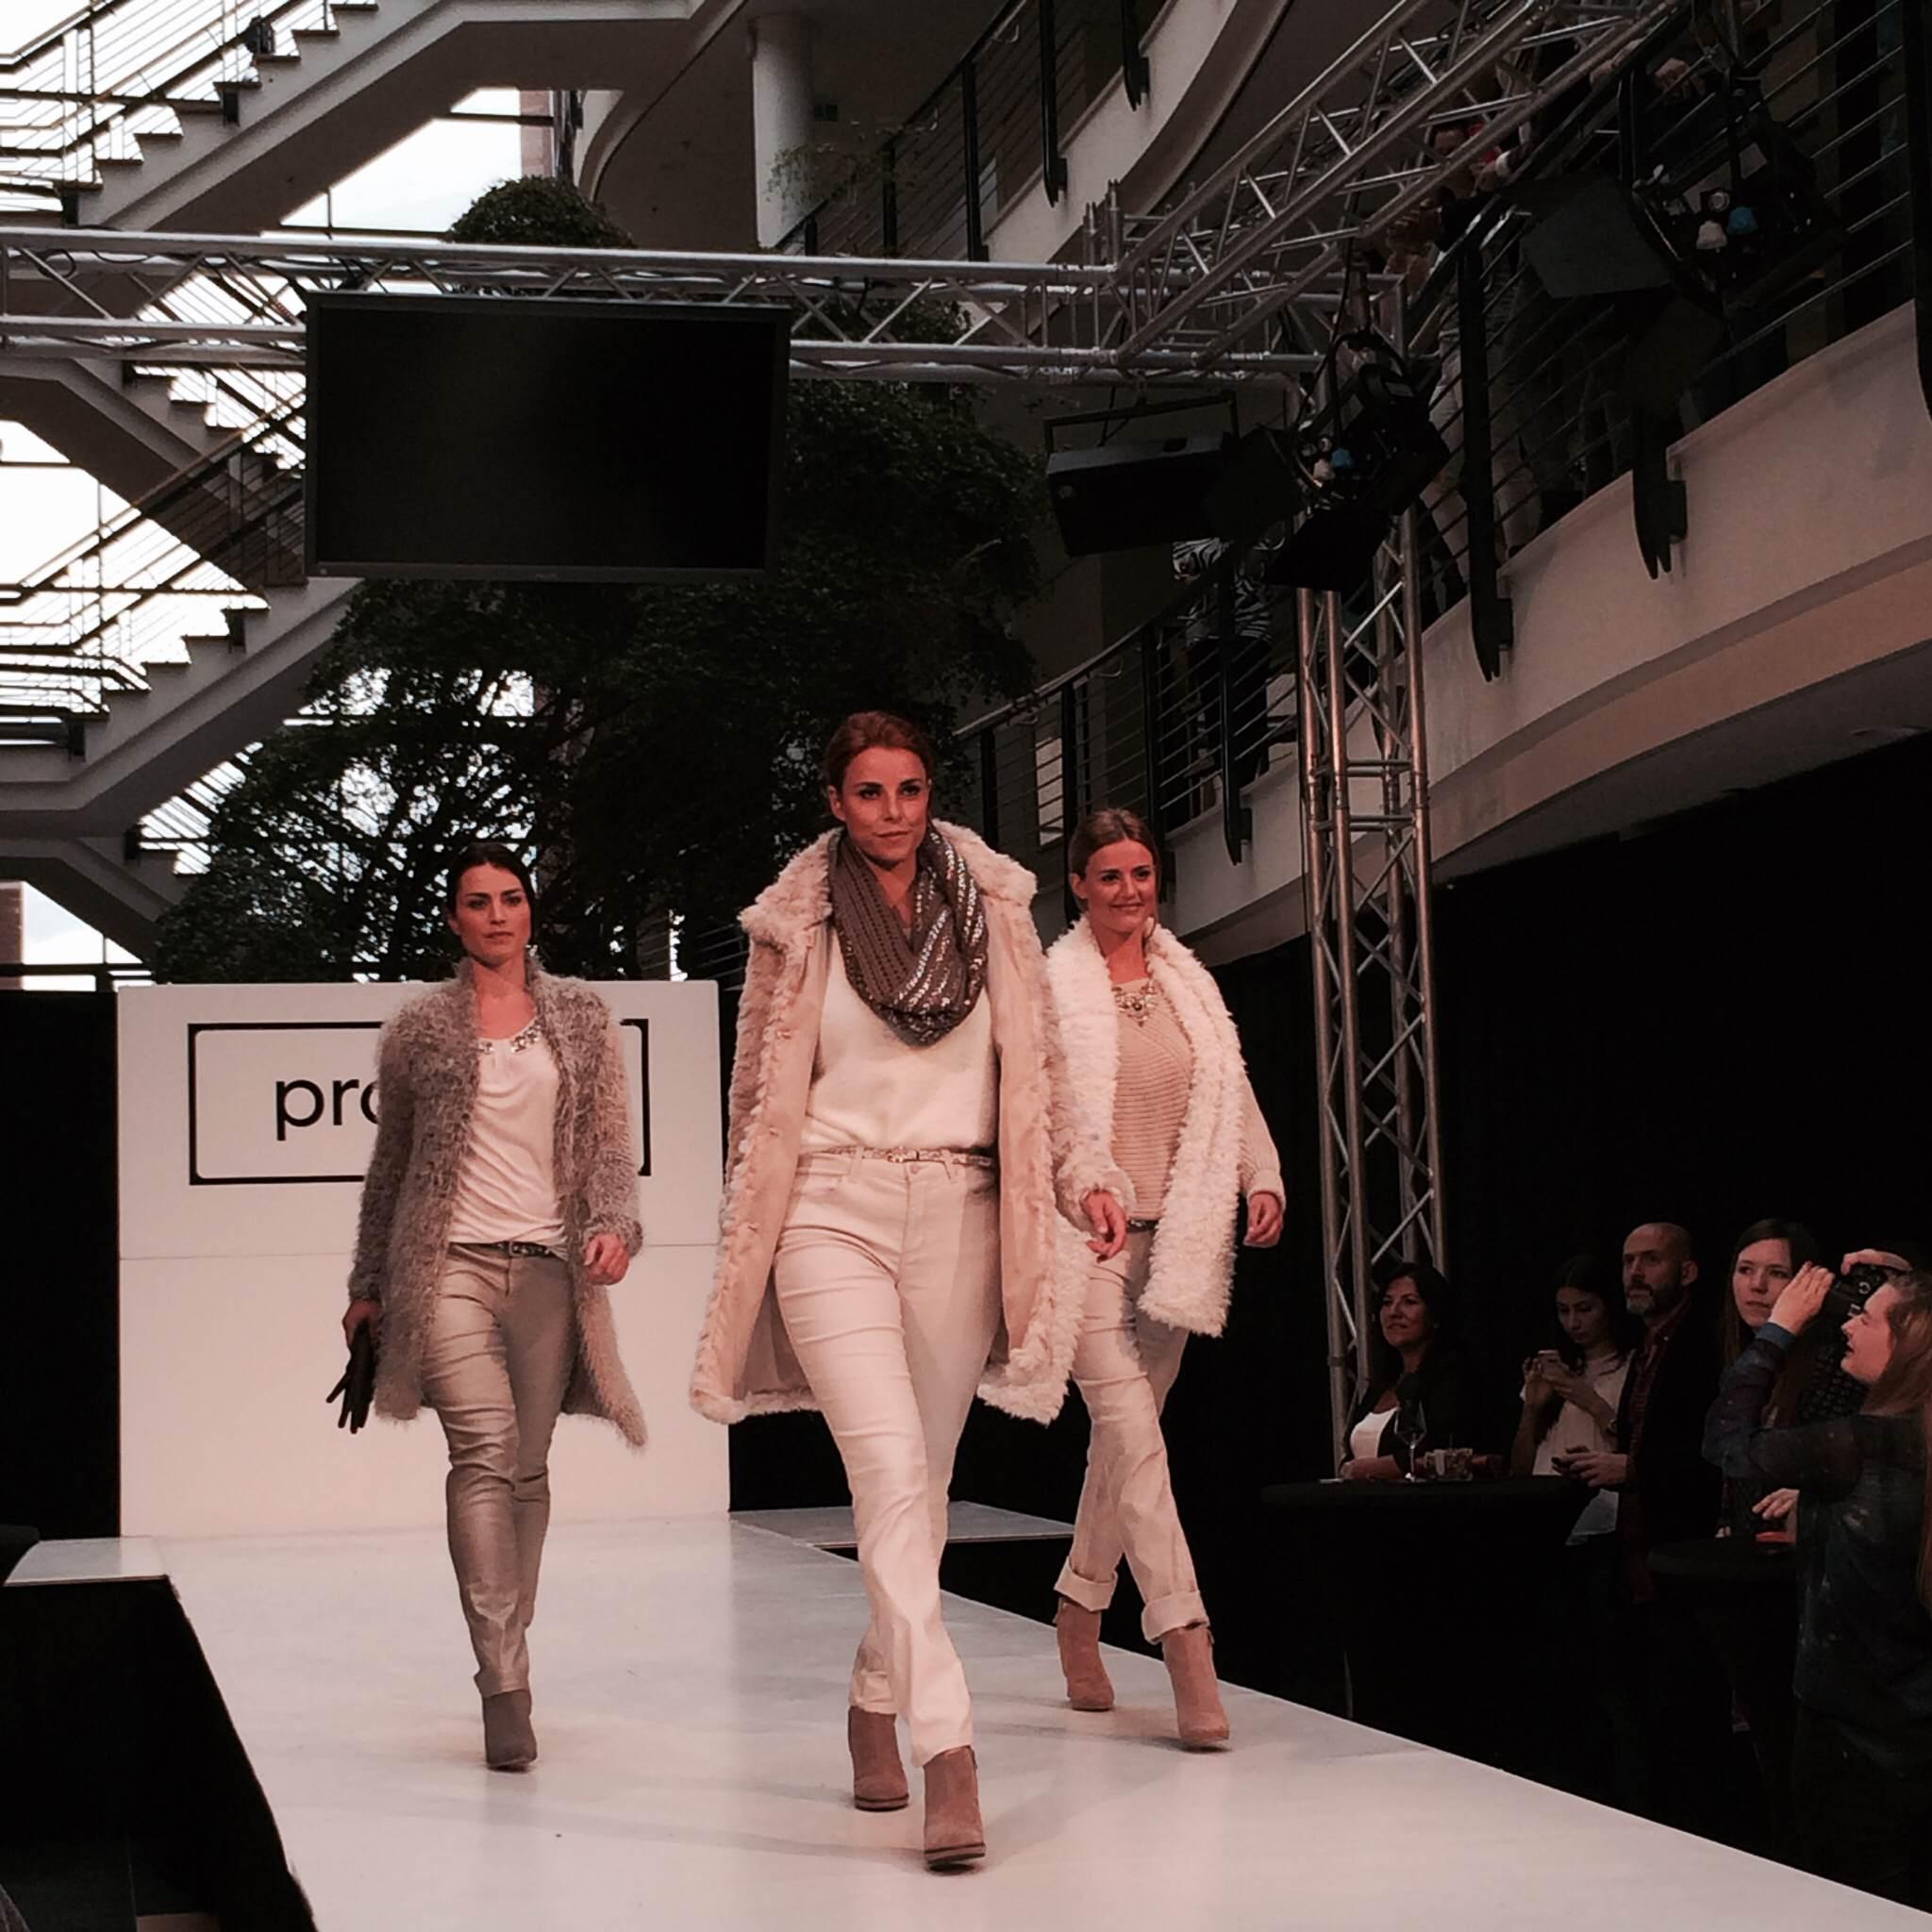 Event – Fashionfeestje van Miss Etam & Promiss